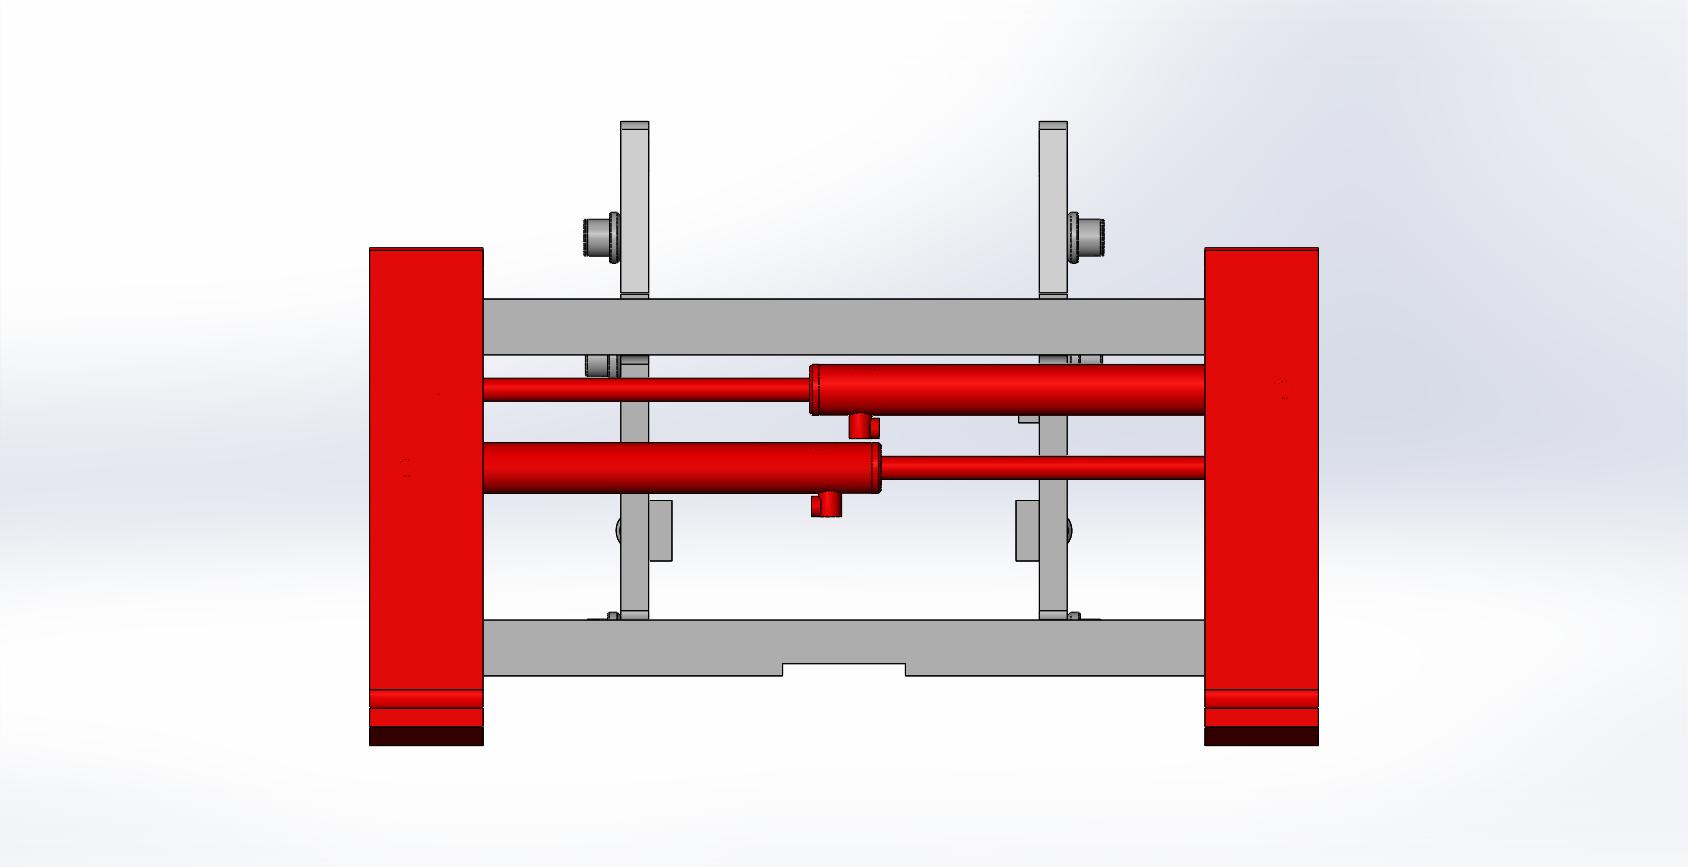 Axon Forklift: Fork Positioners E10-Light Duty-4